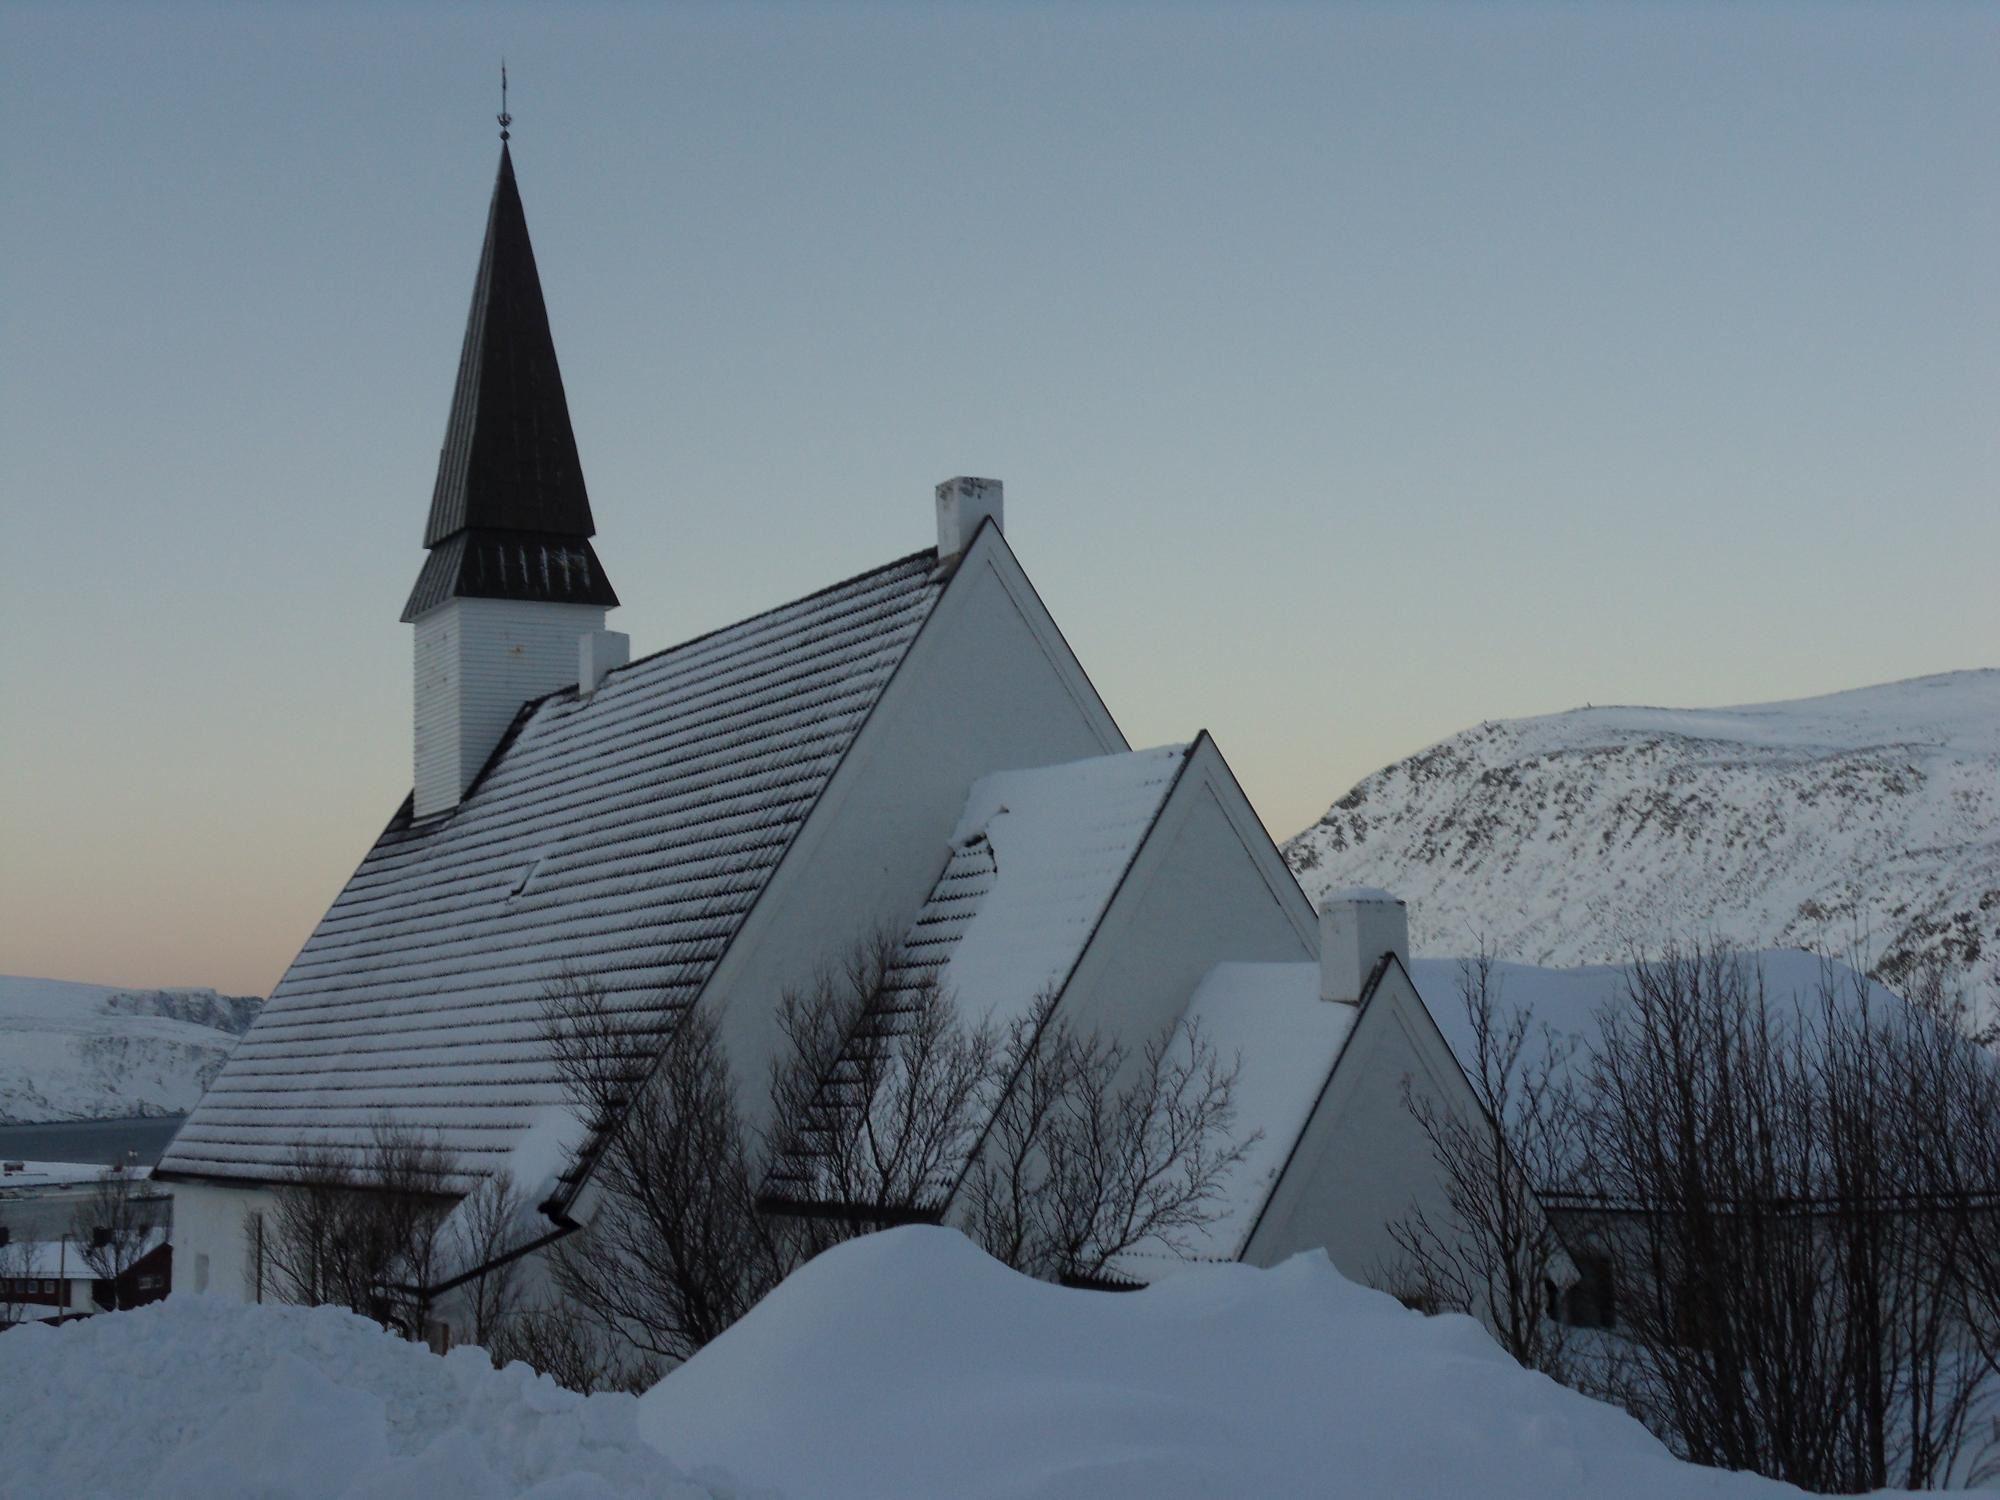 Kjøllefjord Church